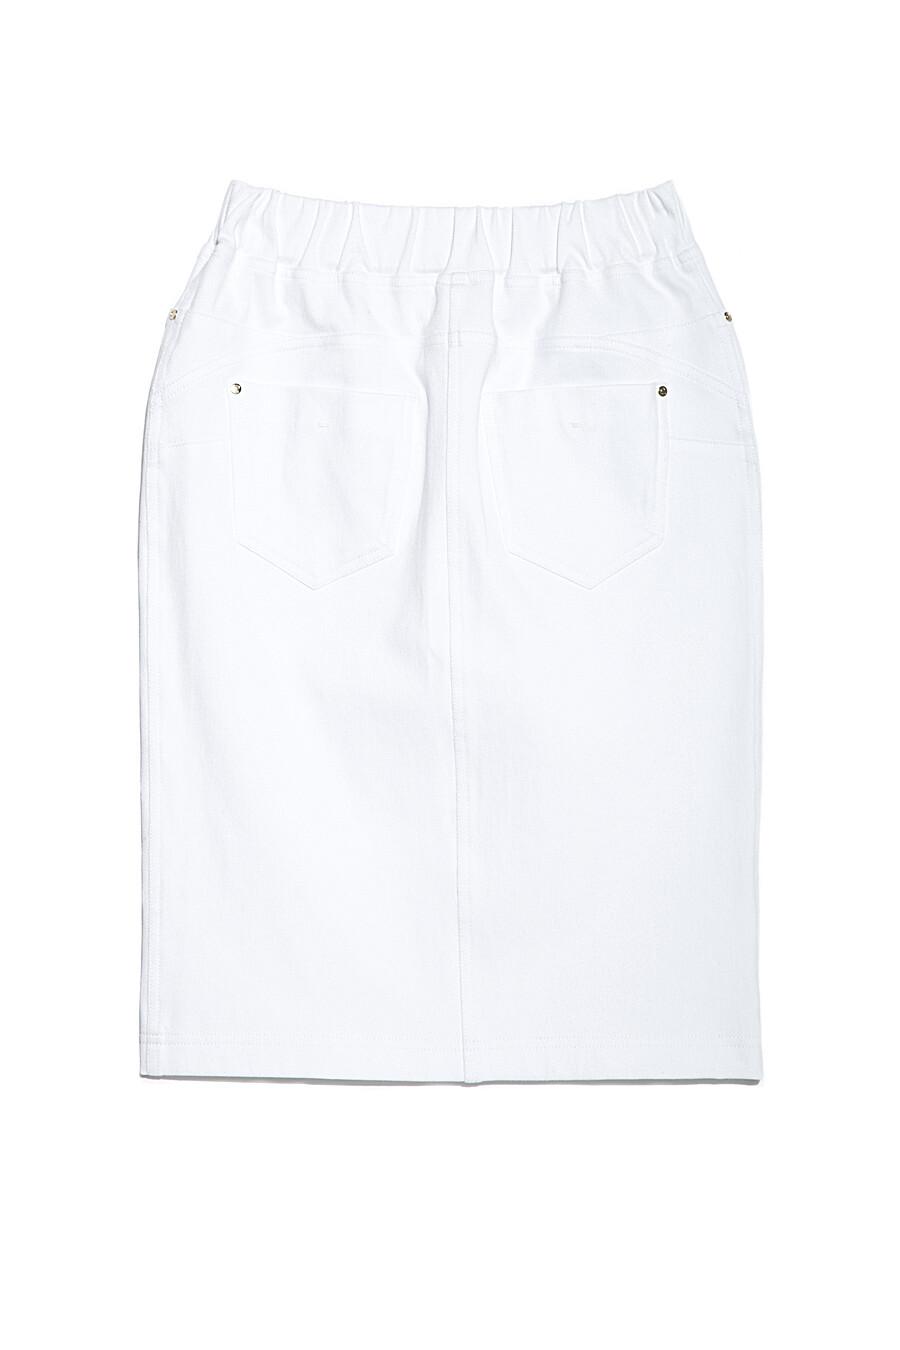 Юбка для женщин CONTE ELEGANT 148668 купить оптом от производителя. Совместная покупка женской одежды в OptMoyo